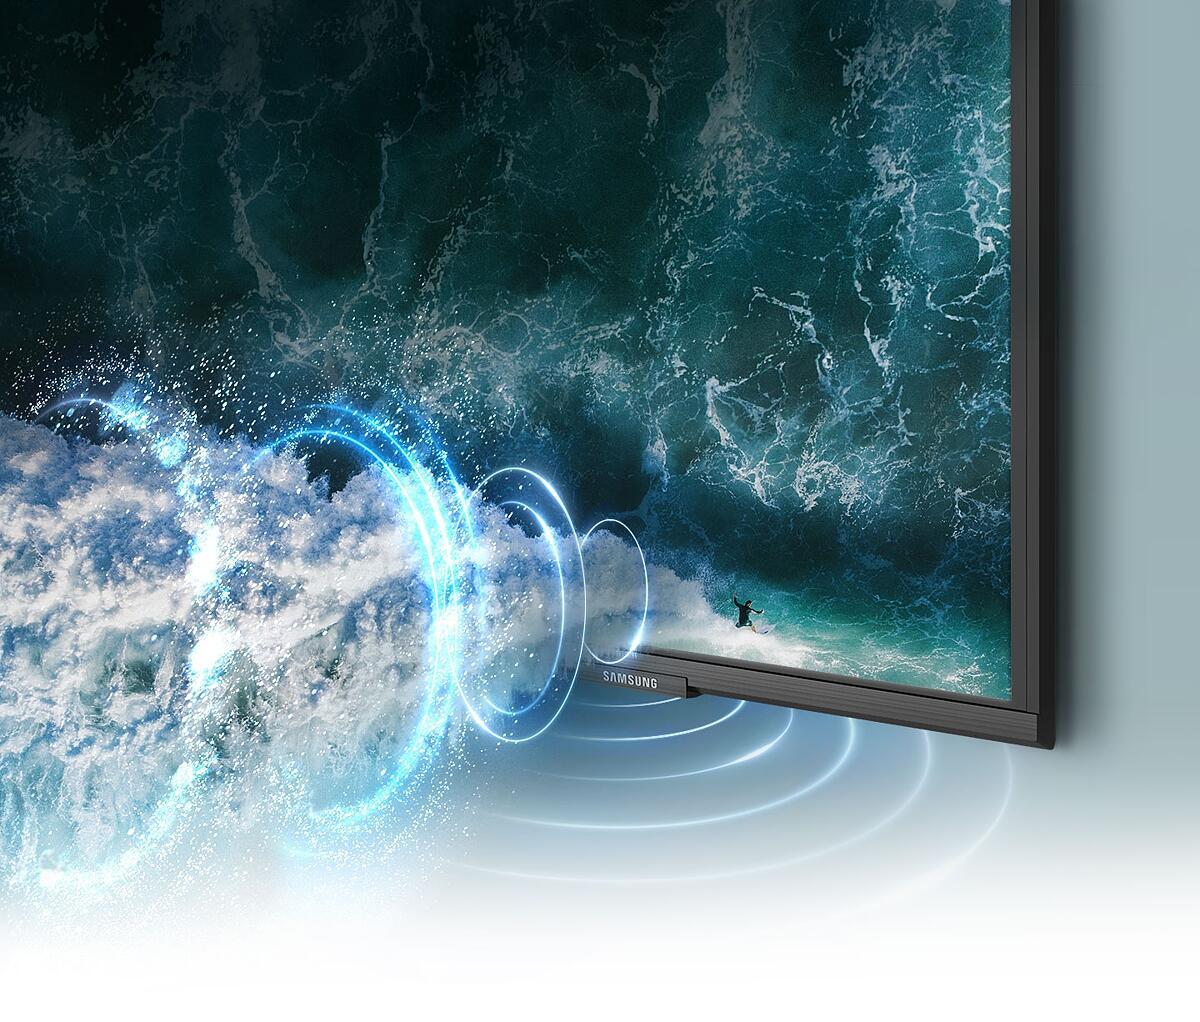 El sonido de Samsung QLED 4K es envolvente